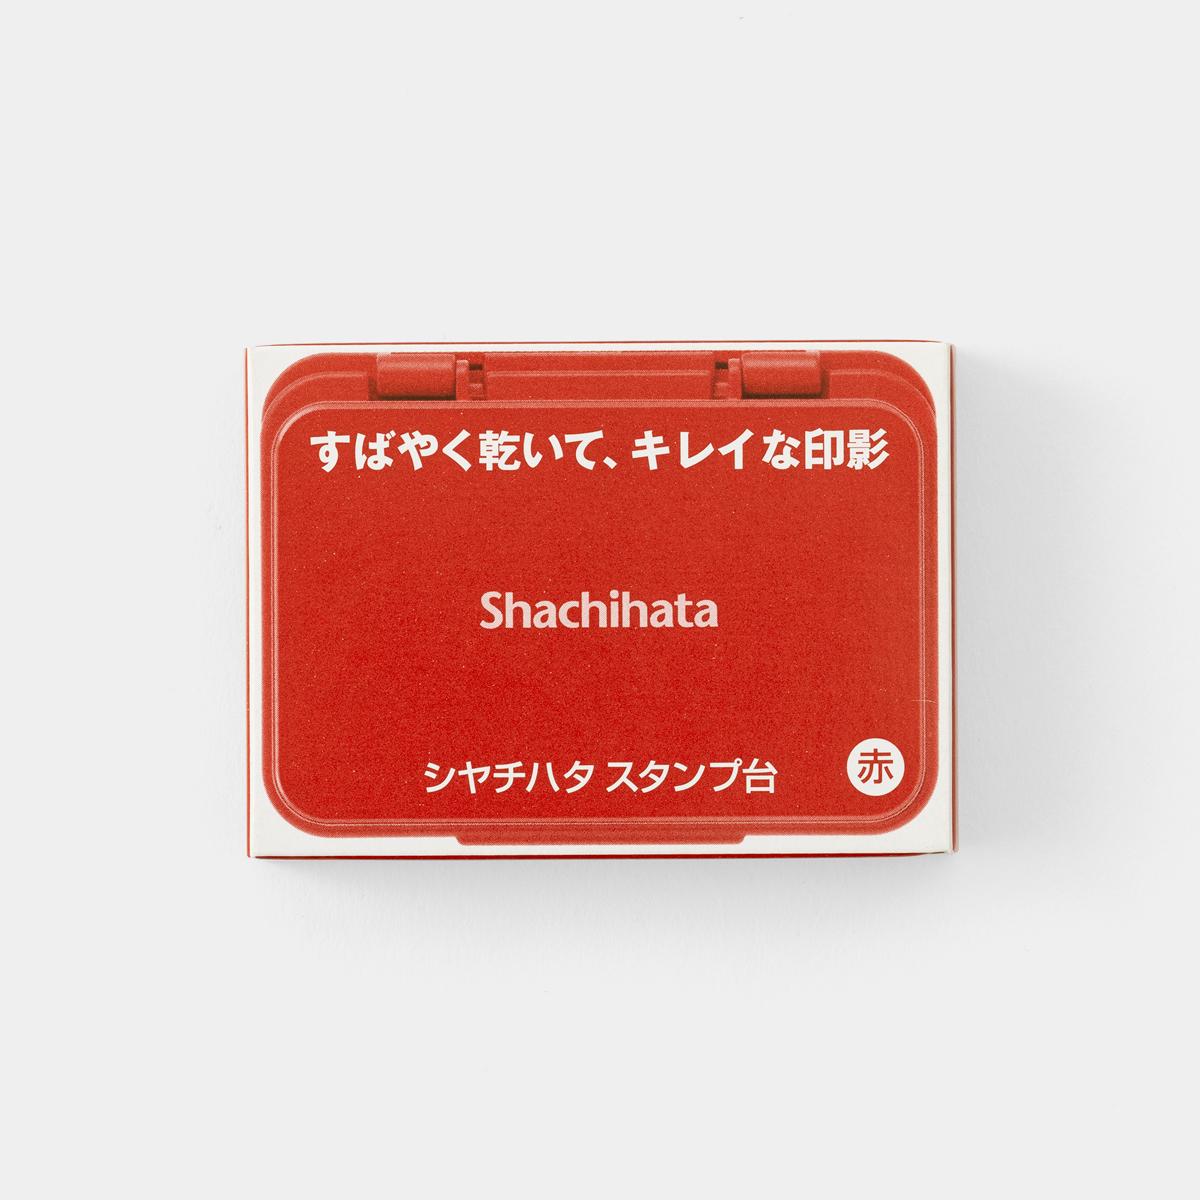 シャチハタ スタンプ台 小形 赤 (HGN-1-R )